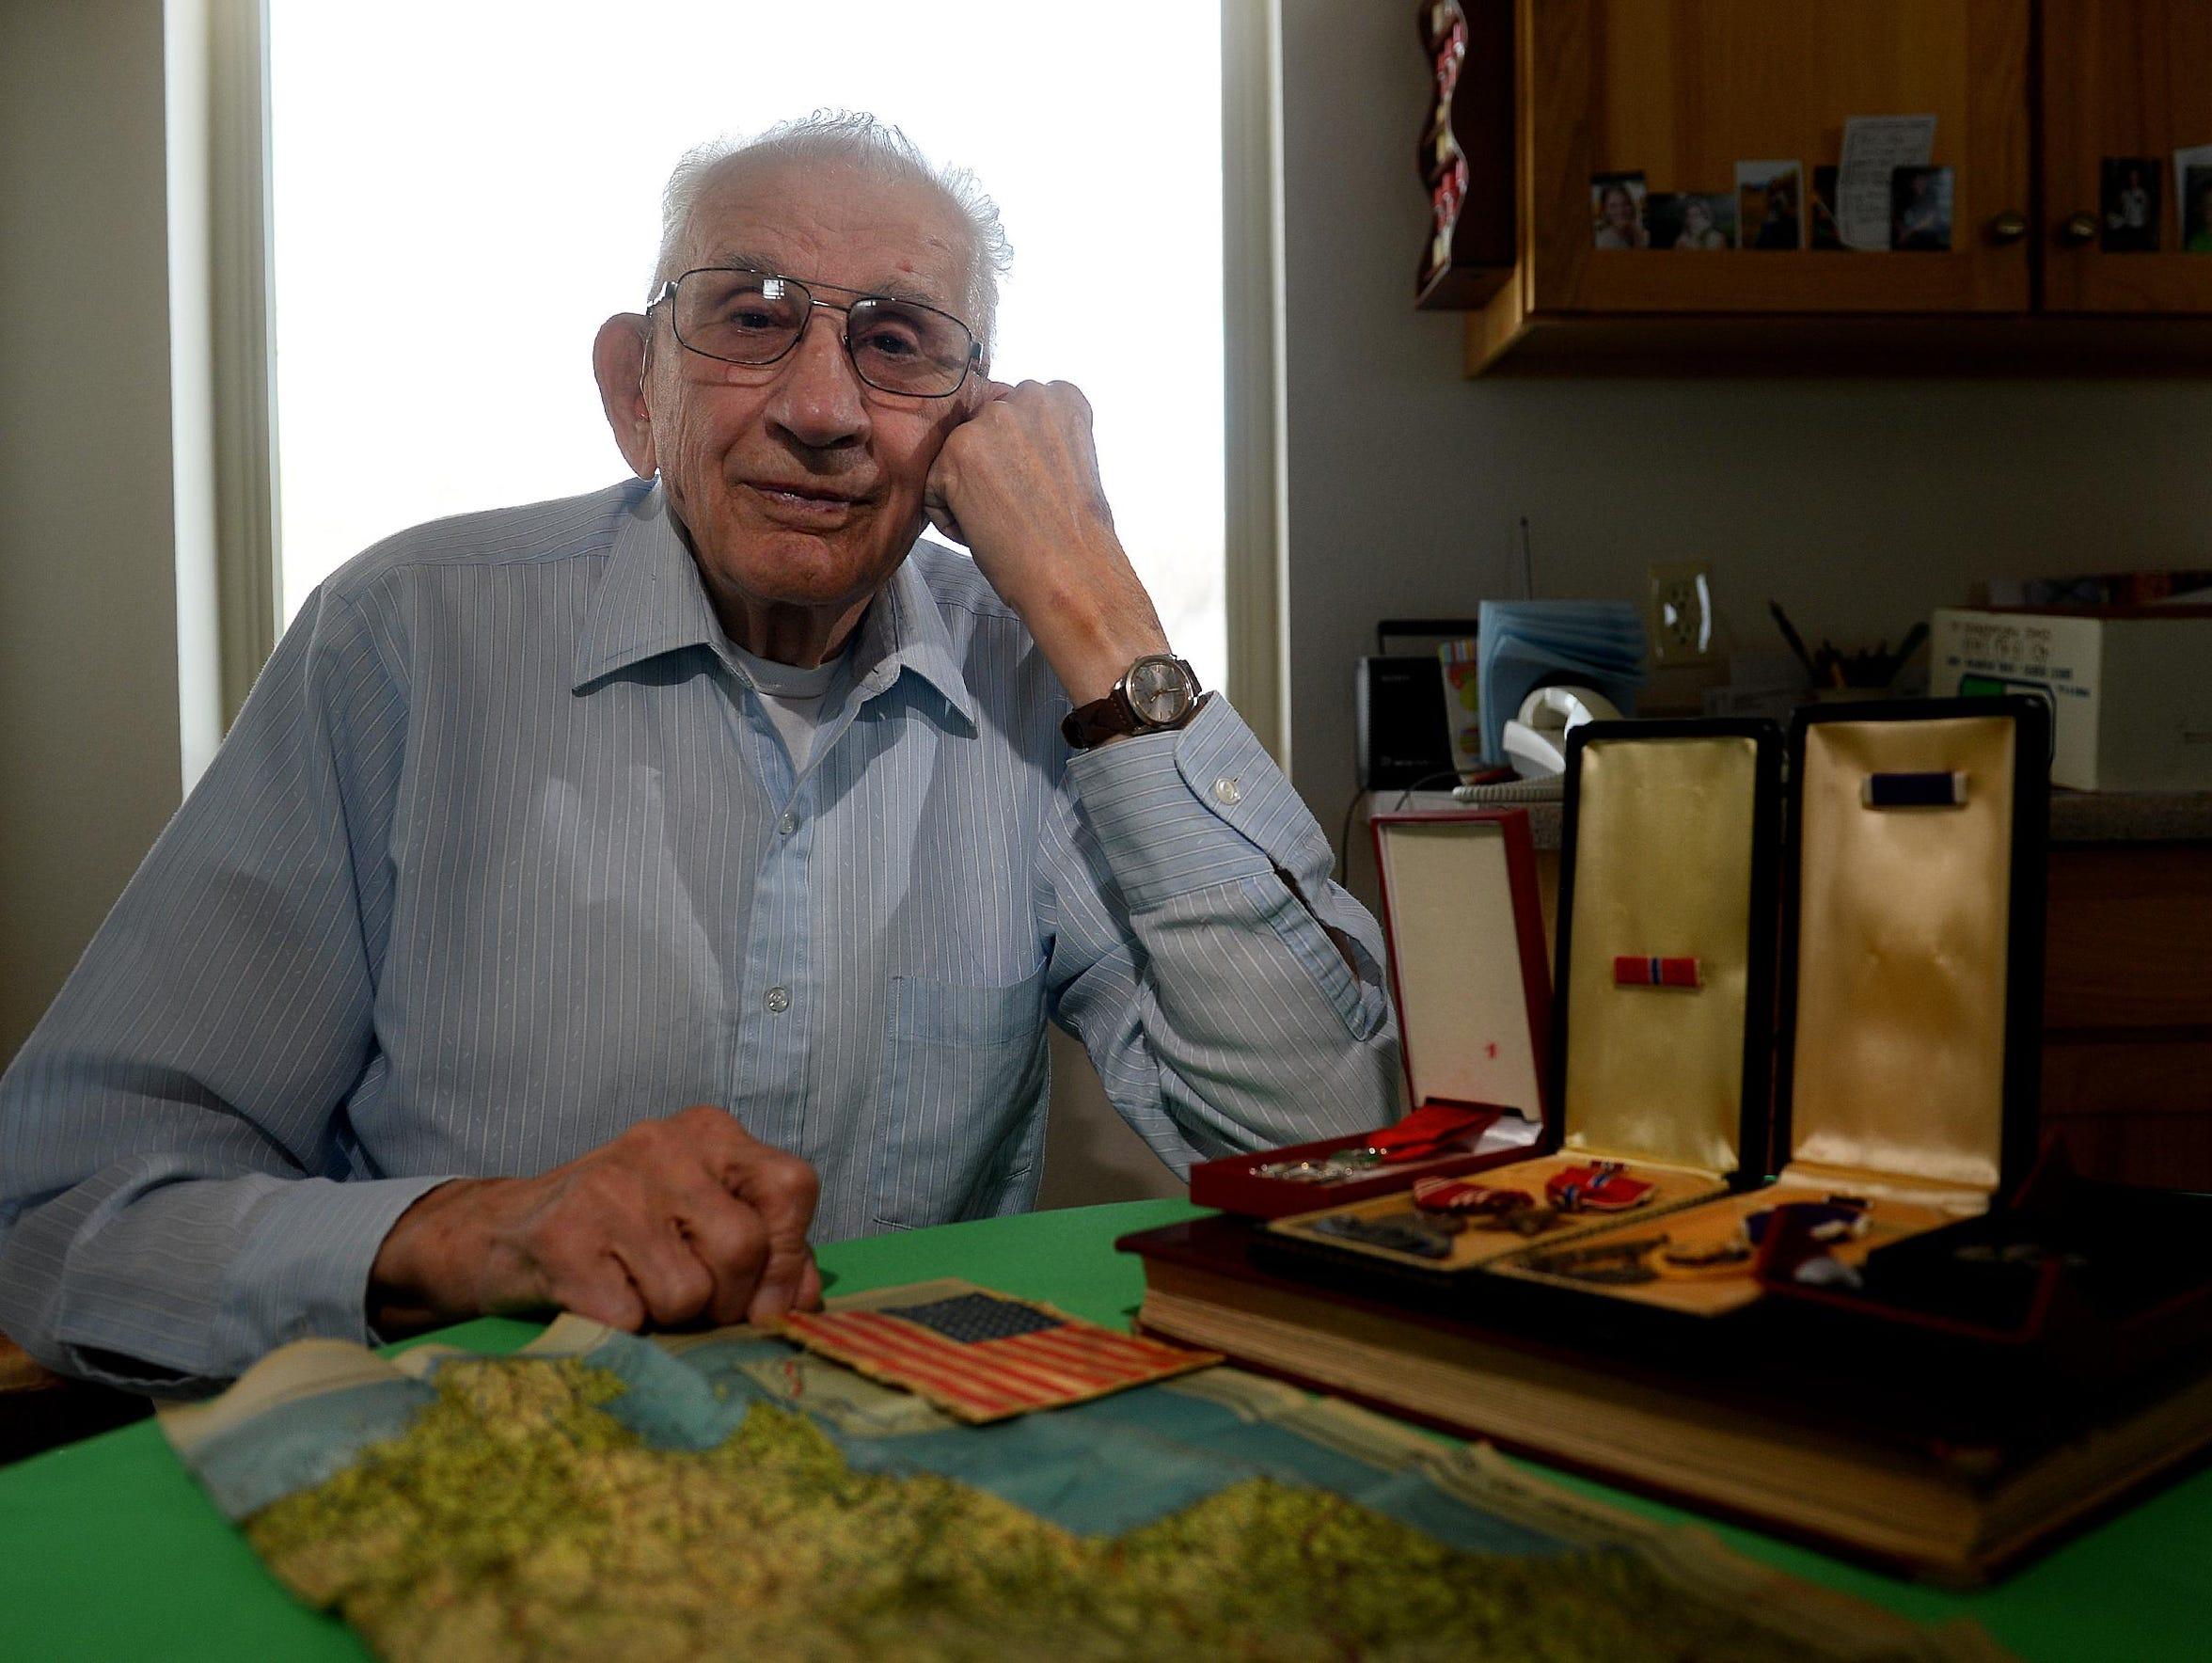 Bud Olson, a World War II veteran, talks about his